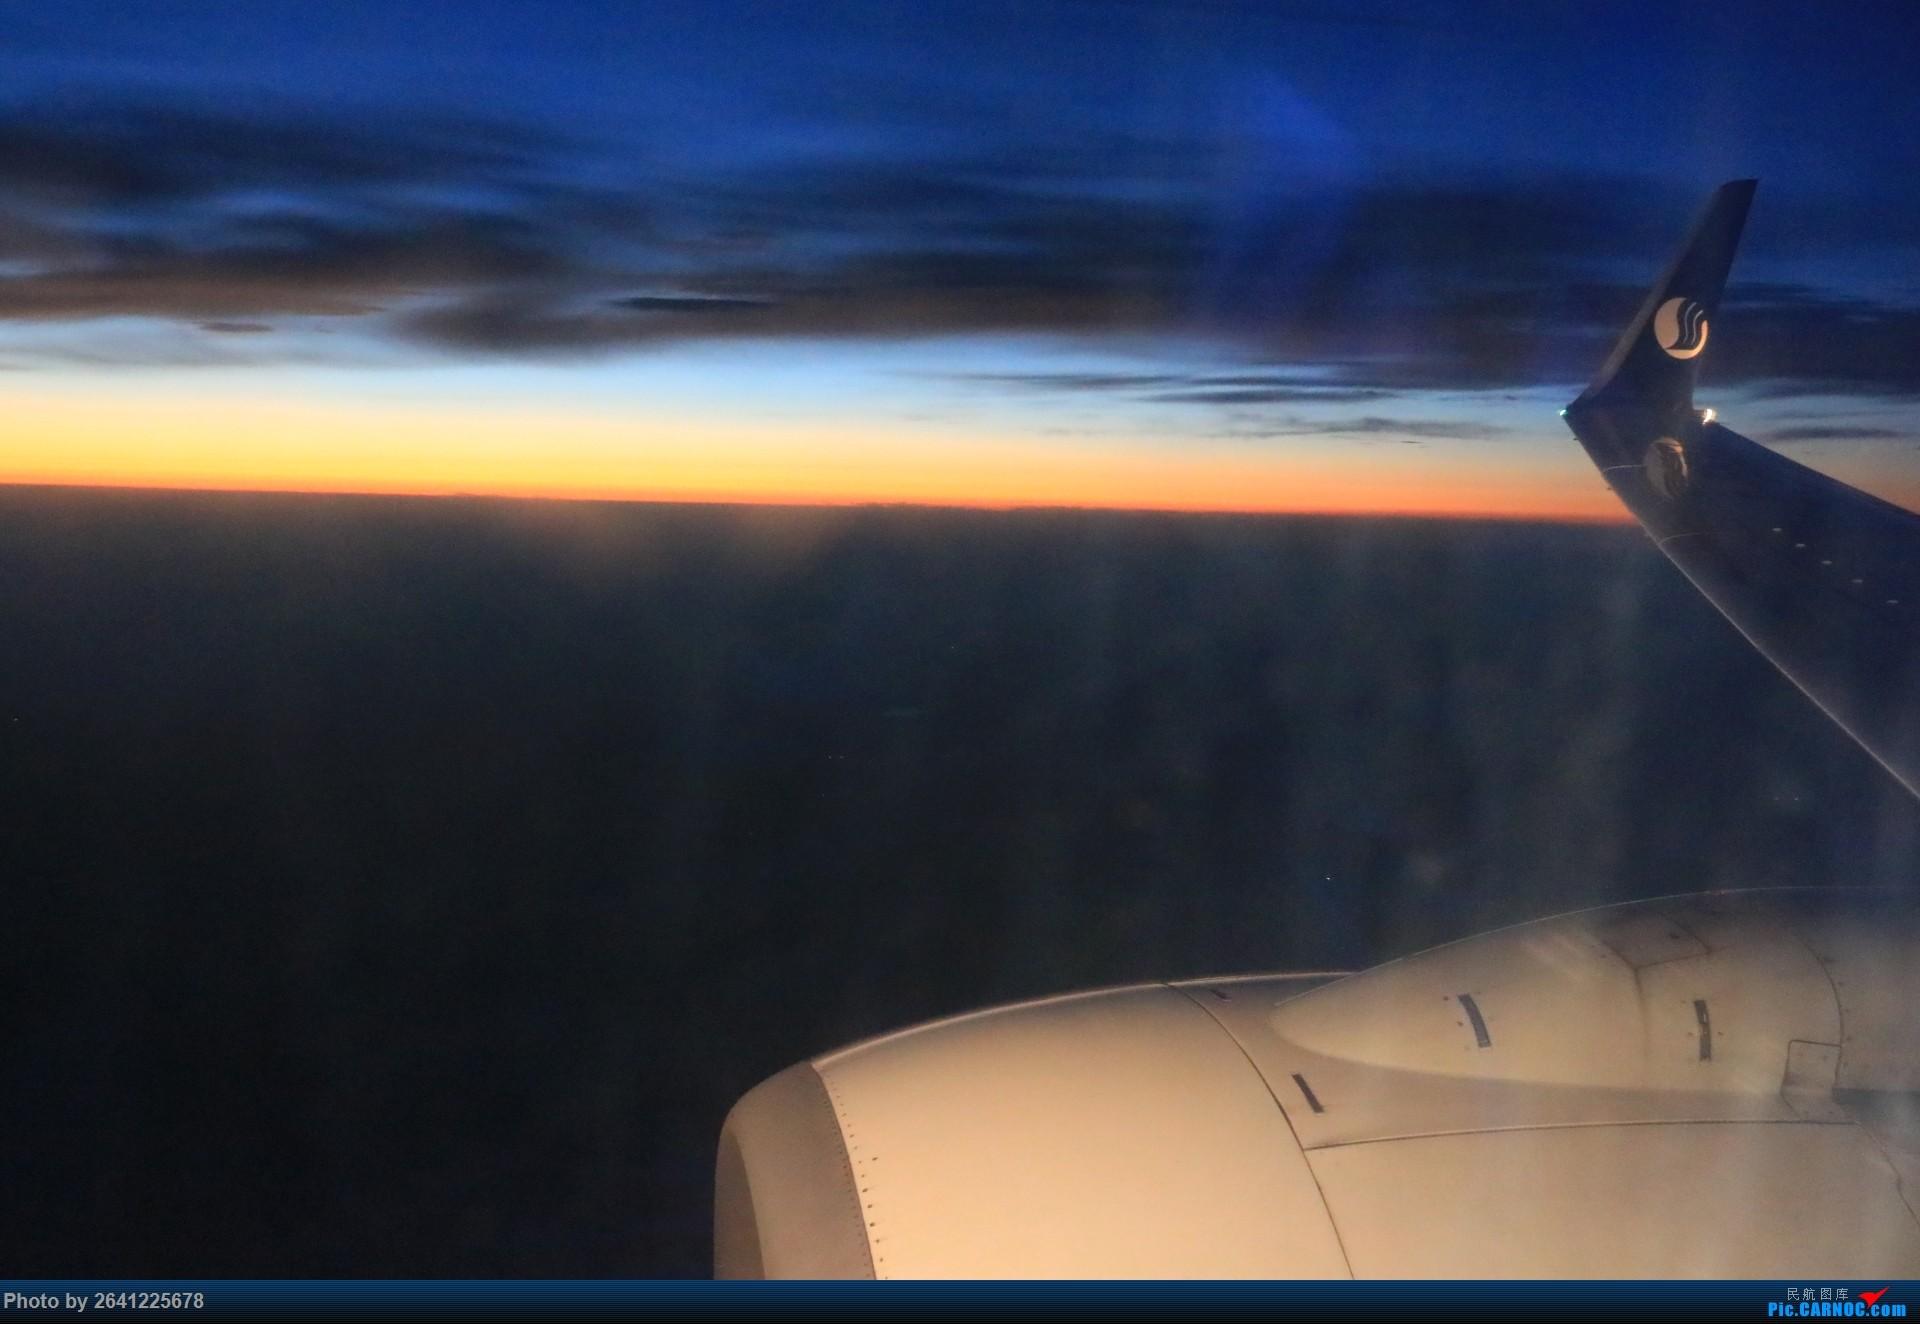 Re:[原创]【小周游记第3集】草原茫茫天地间,洁白的蒙古包散落在河边——内蒙古5天4飞半自由行(宽体与支线客机初体验)有flight log和驾驶舱哦(正在更新) BOEING 737-800 B-5627 中国呼和浩特白塔国际机场